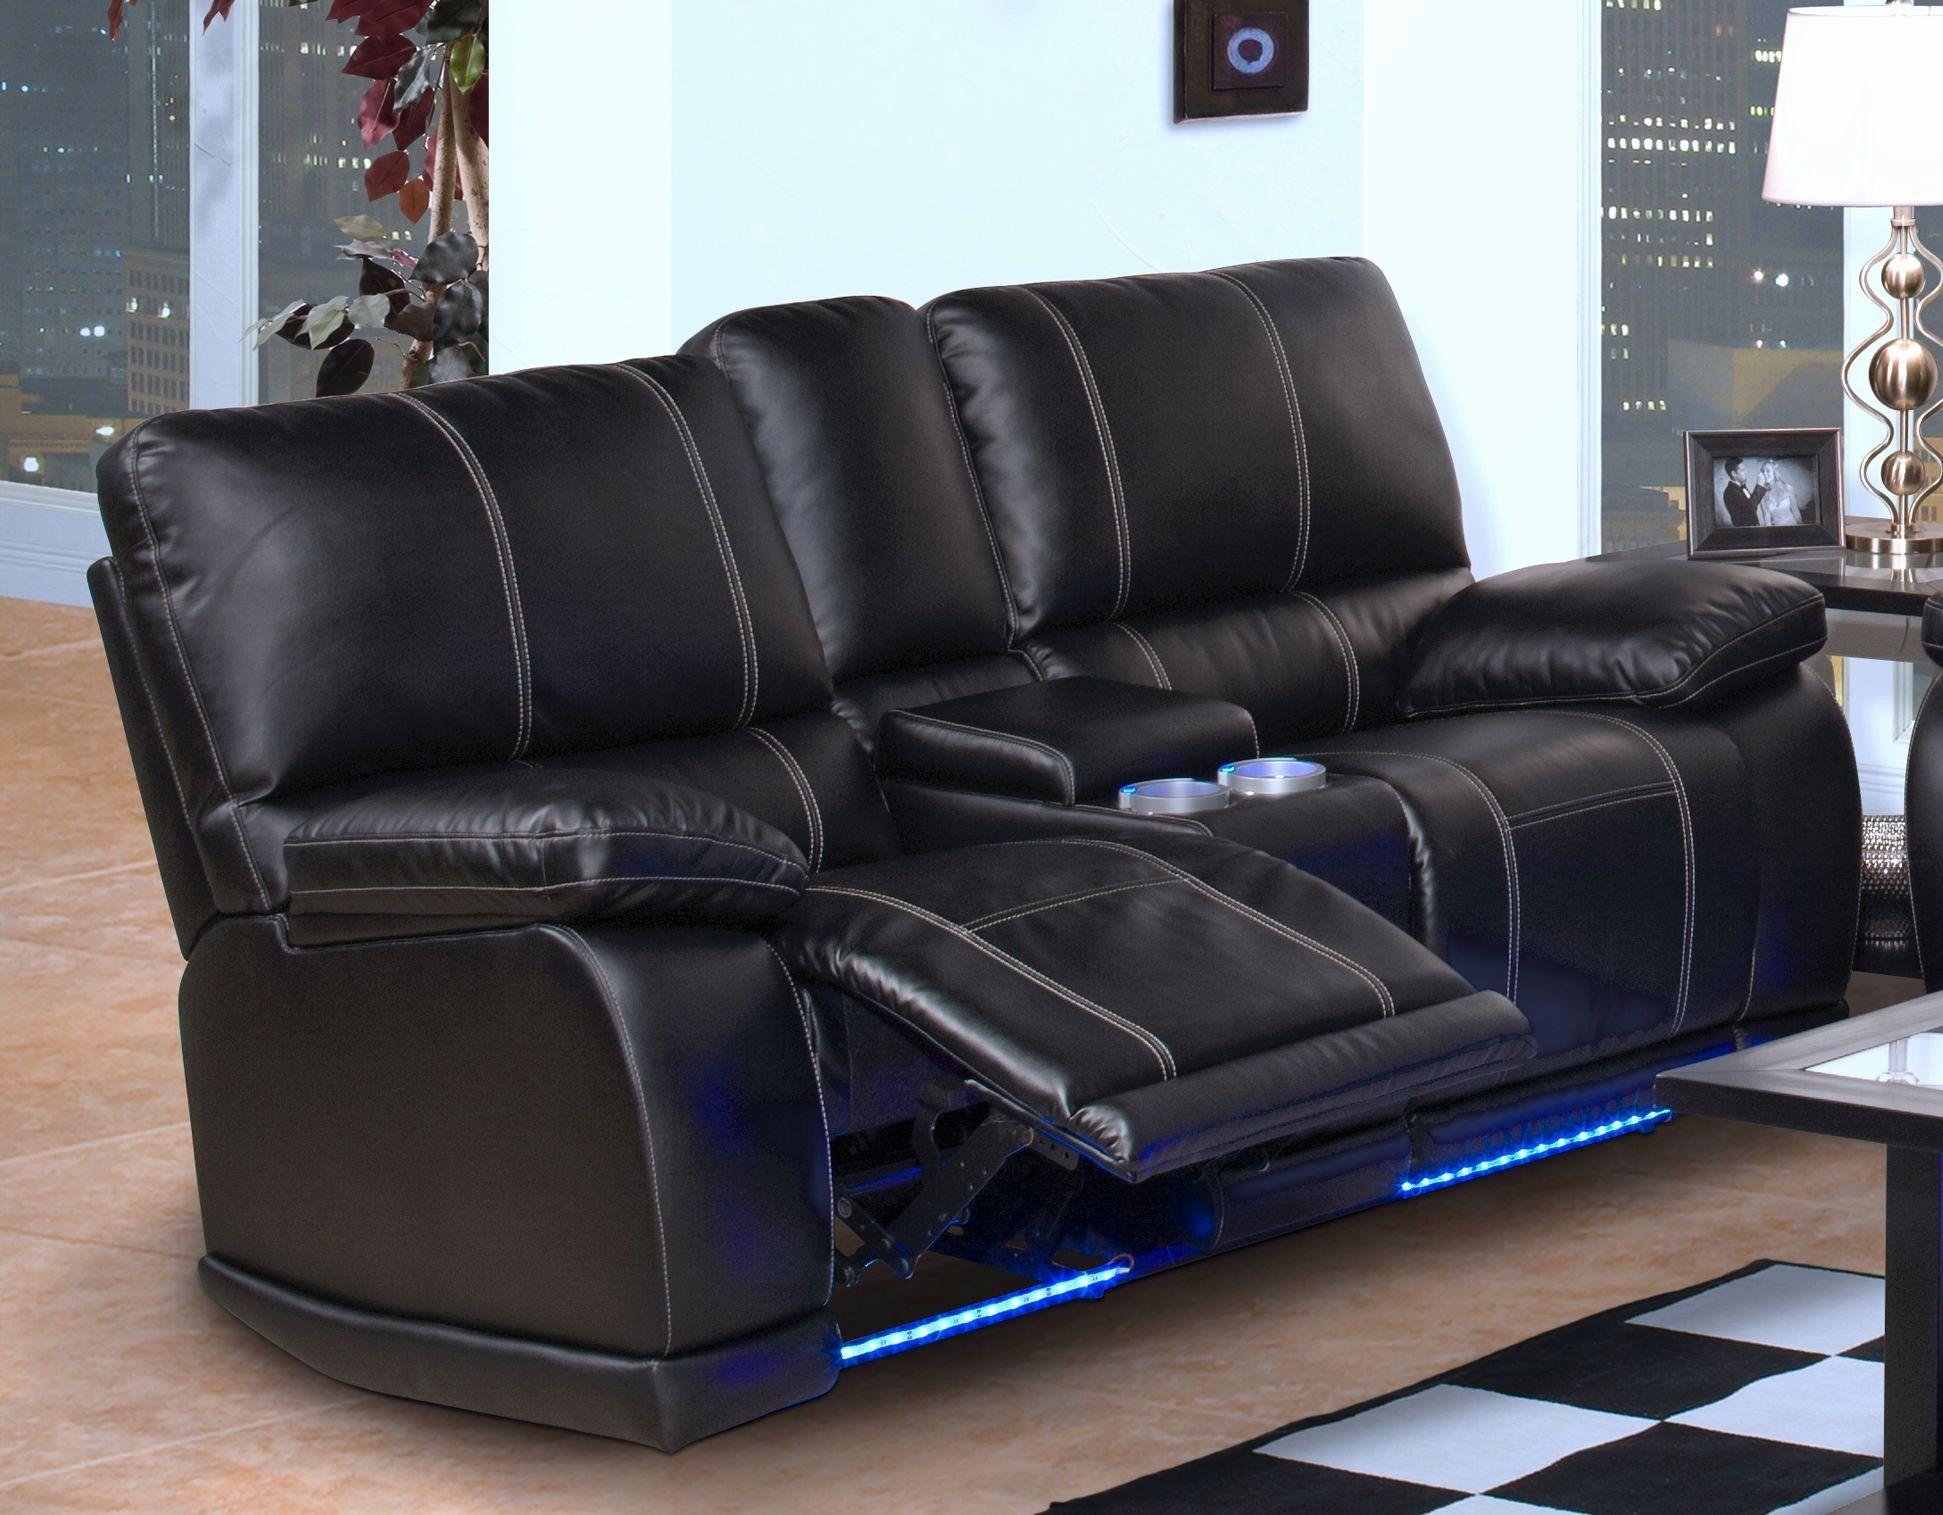 Elegant sofa and Recliner Sets Pics Sofa and Recliner Sets Elegant